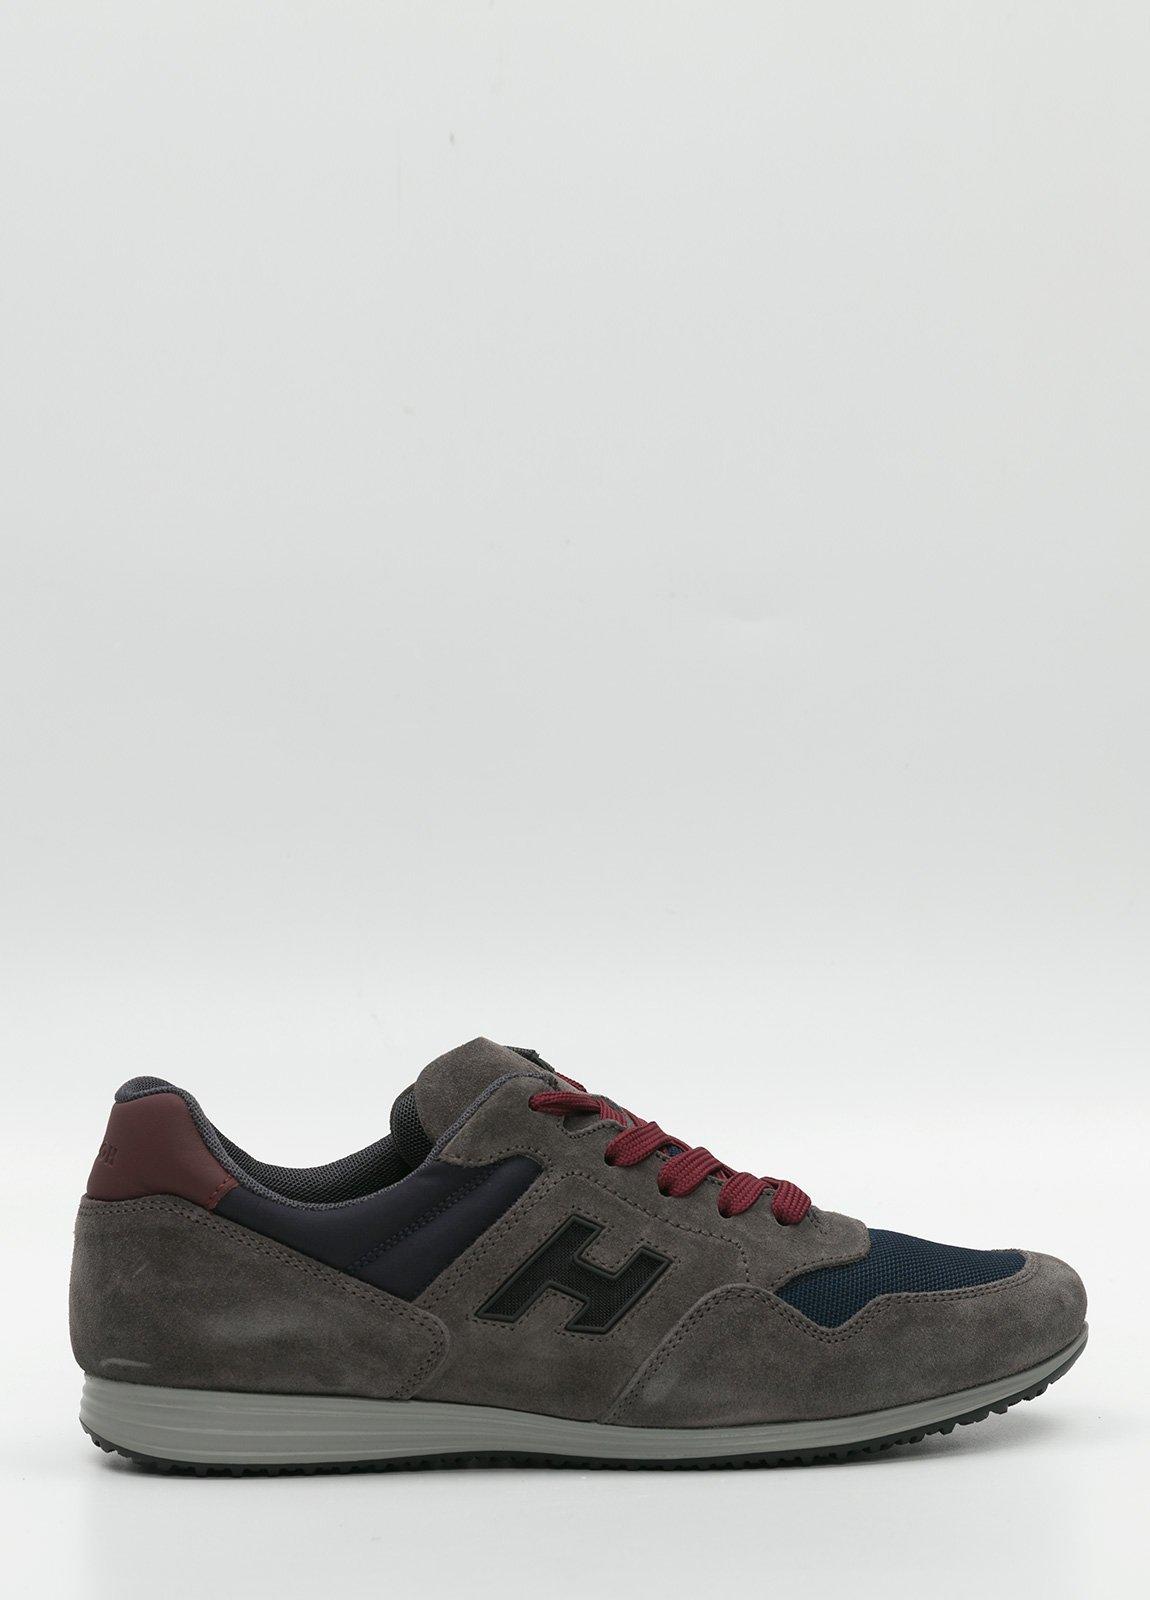 Calzado sport color gris y azul. Combinación de piel, ante y tejido técnico